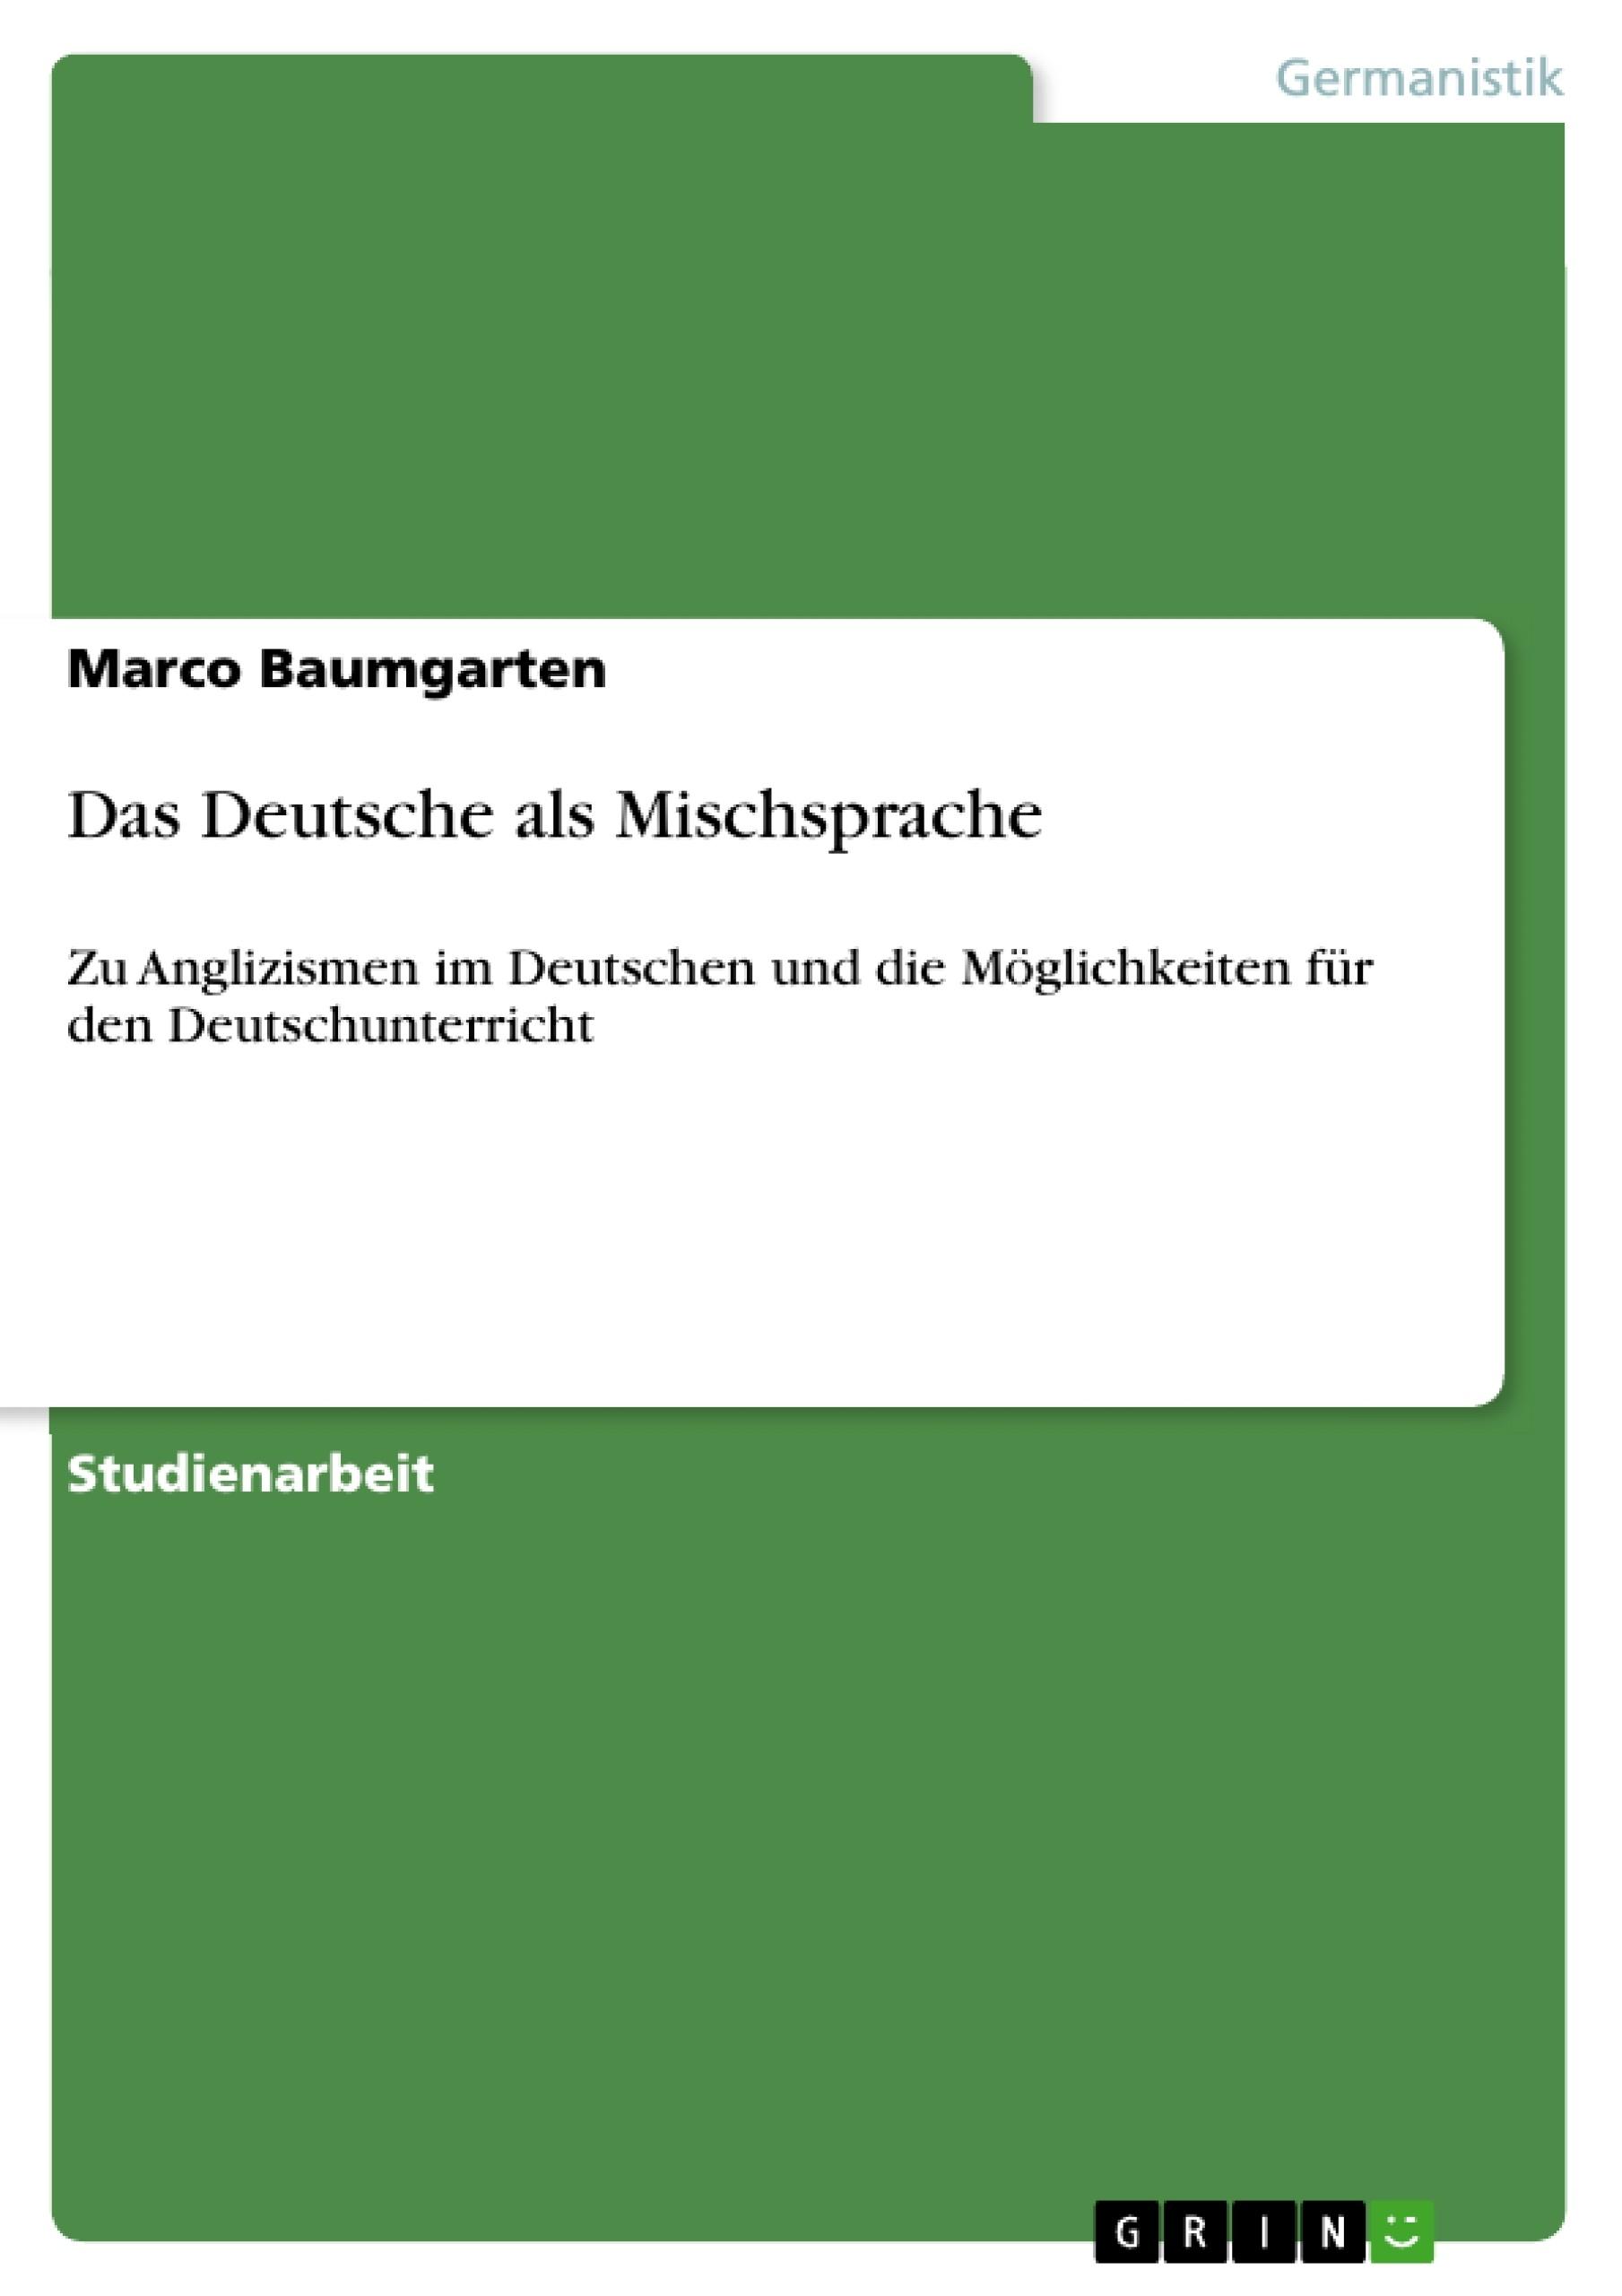 Titel: Das Deutsche als Mischsprache